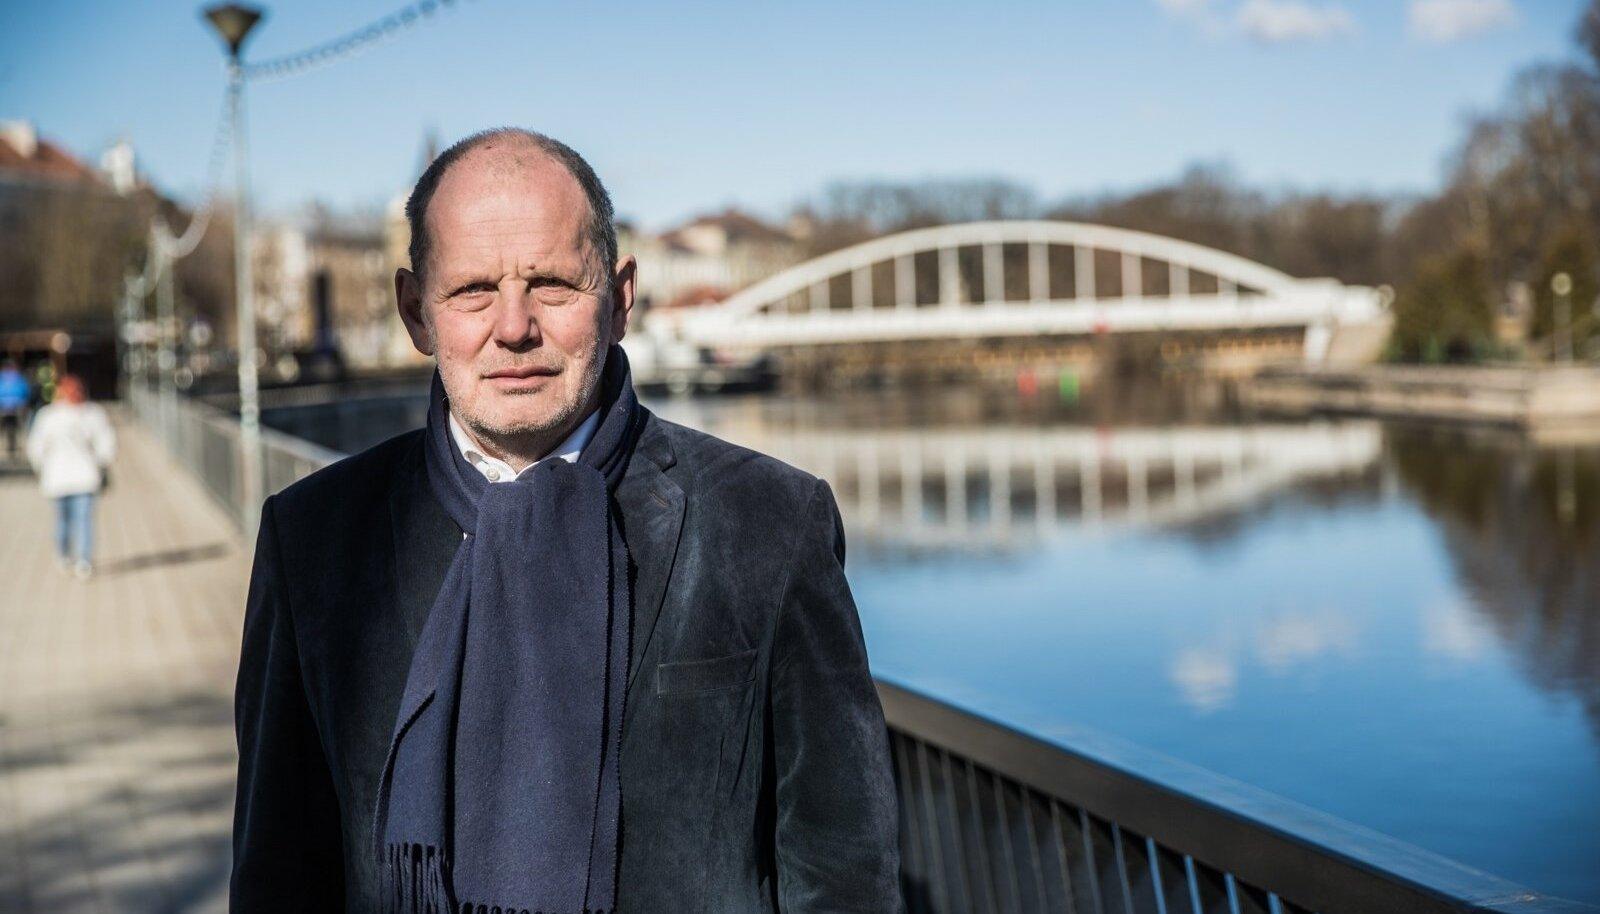 """EKRE riigikogu saadik Peeter Ernits ütleb, et see, mida nad tahavad valitsuses olles läbi viia, ei ole need hirmud, mida püütakse üles kütta. """"Ei tule kellegi küüditamist, abortide keelamist ja demokraatia ahistamist."""""""